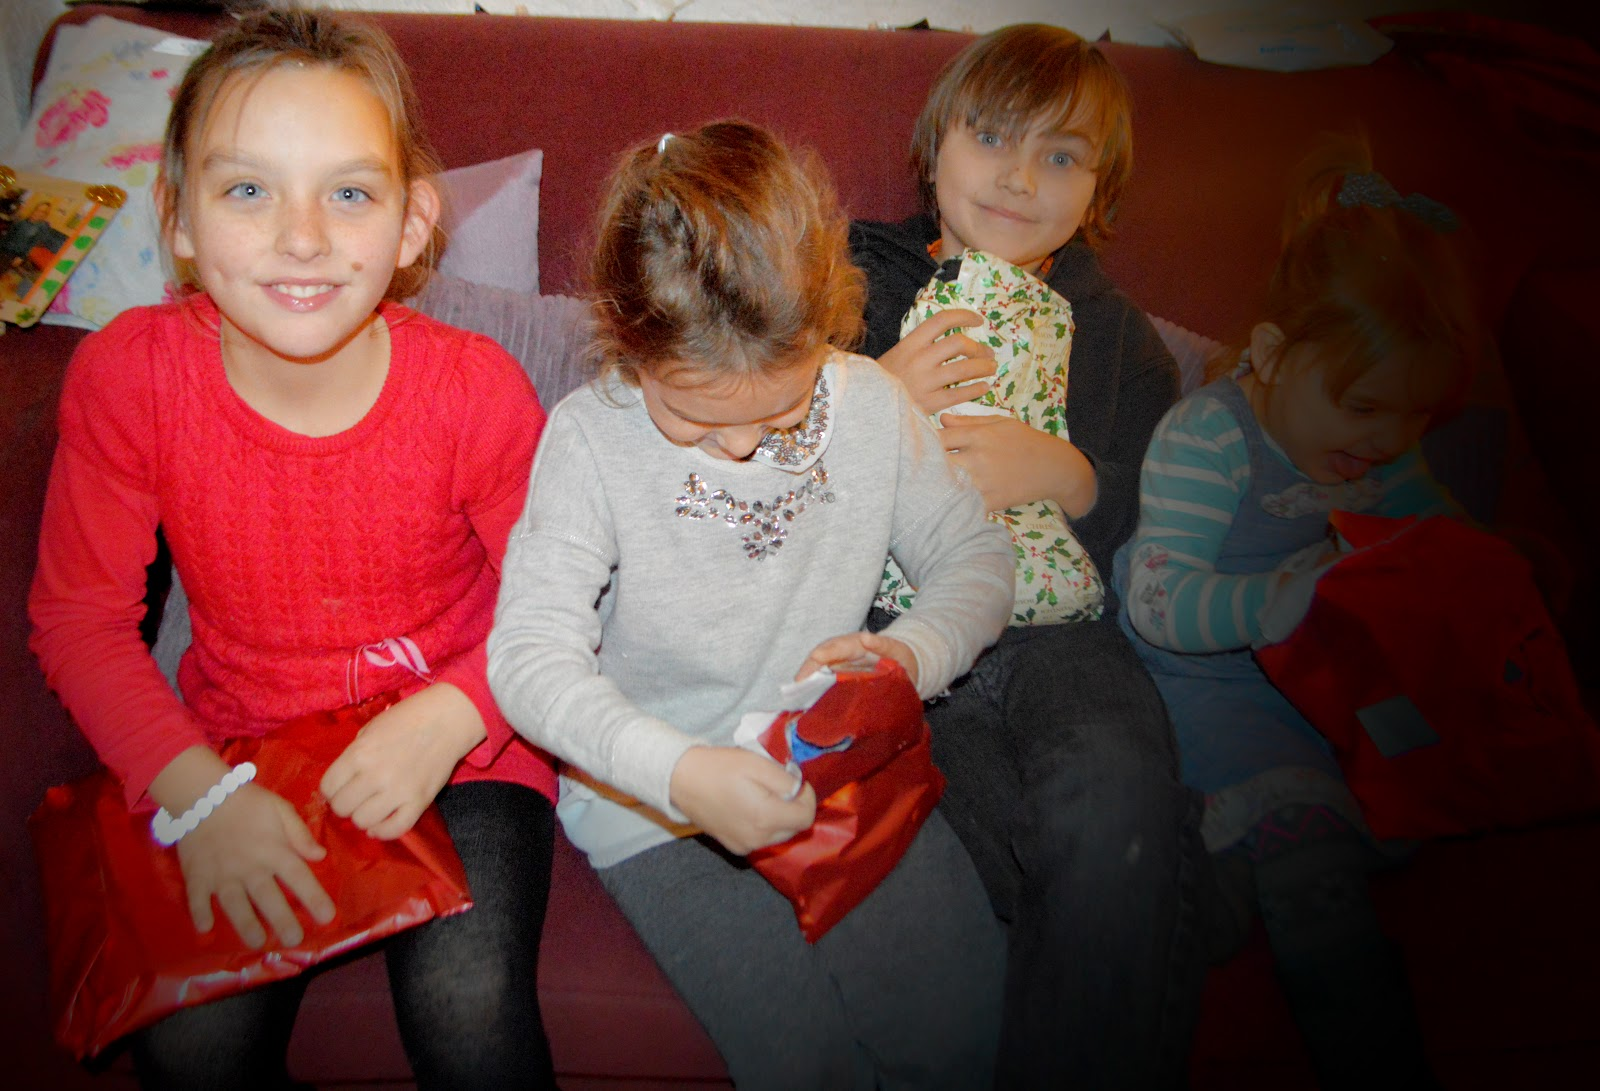 Christmas Eve 2014 UK Traditions Pyjamas, Book and Bath Bomb